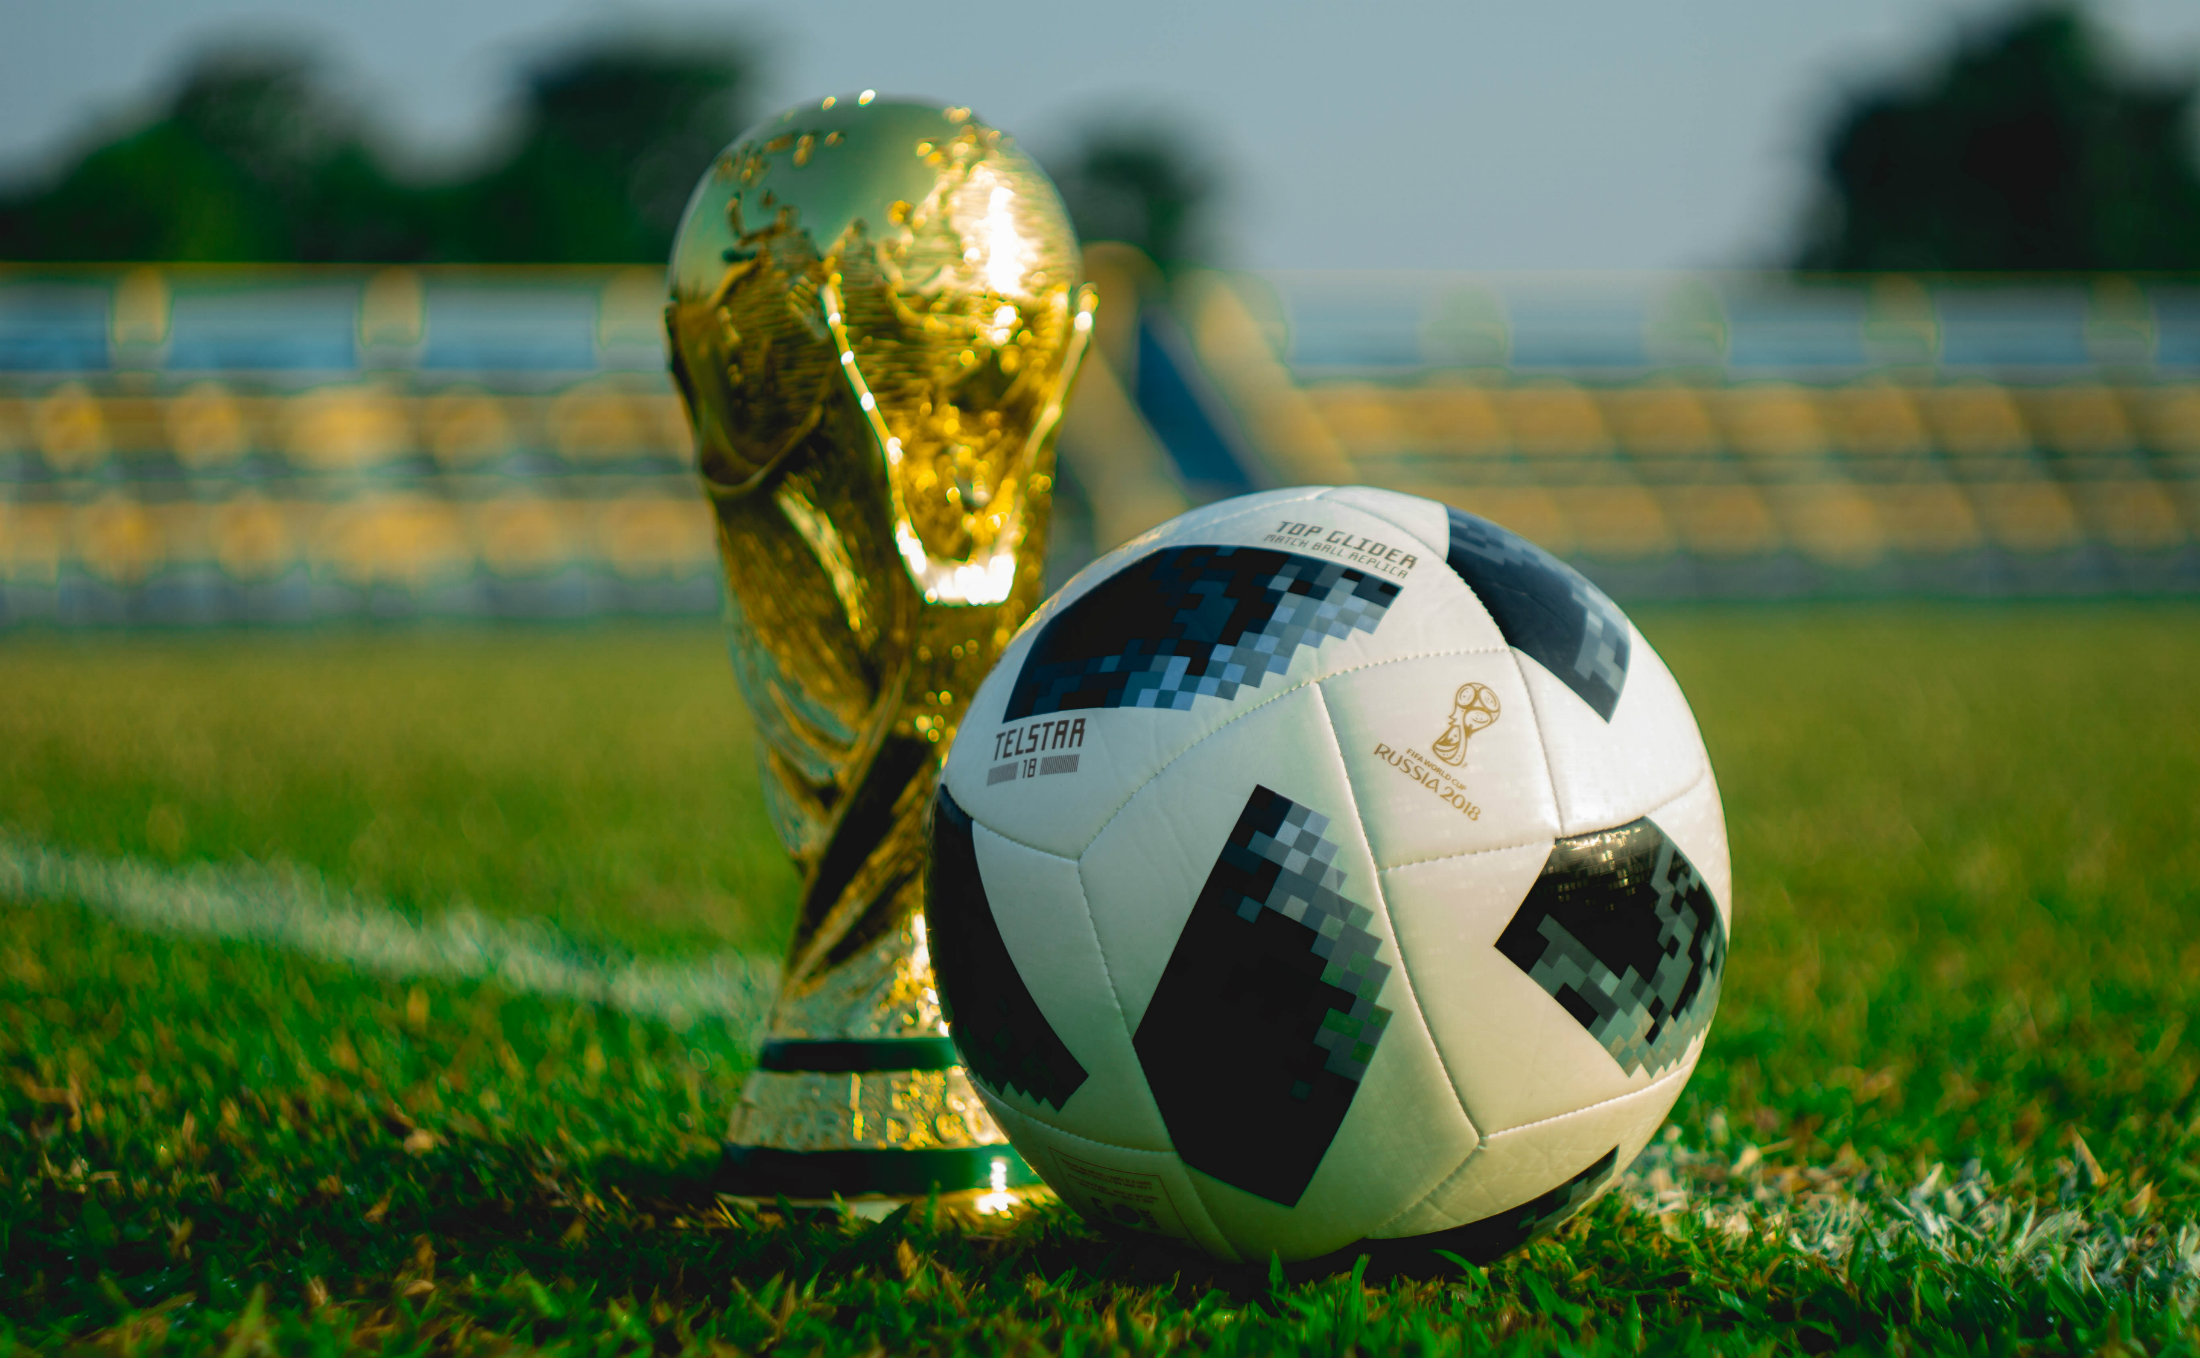 Fußball und Pokal der Weltmeisterschaft